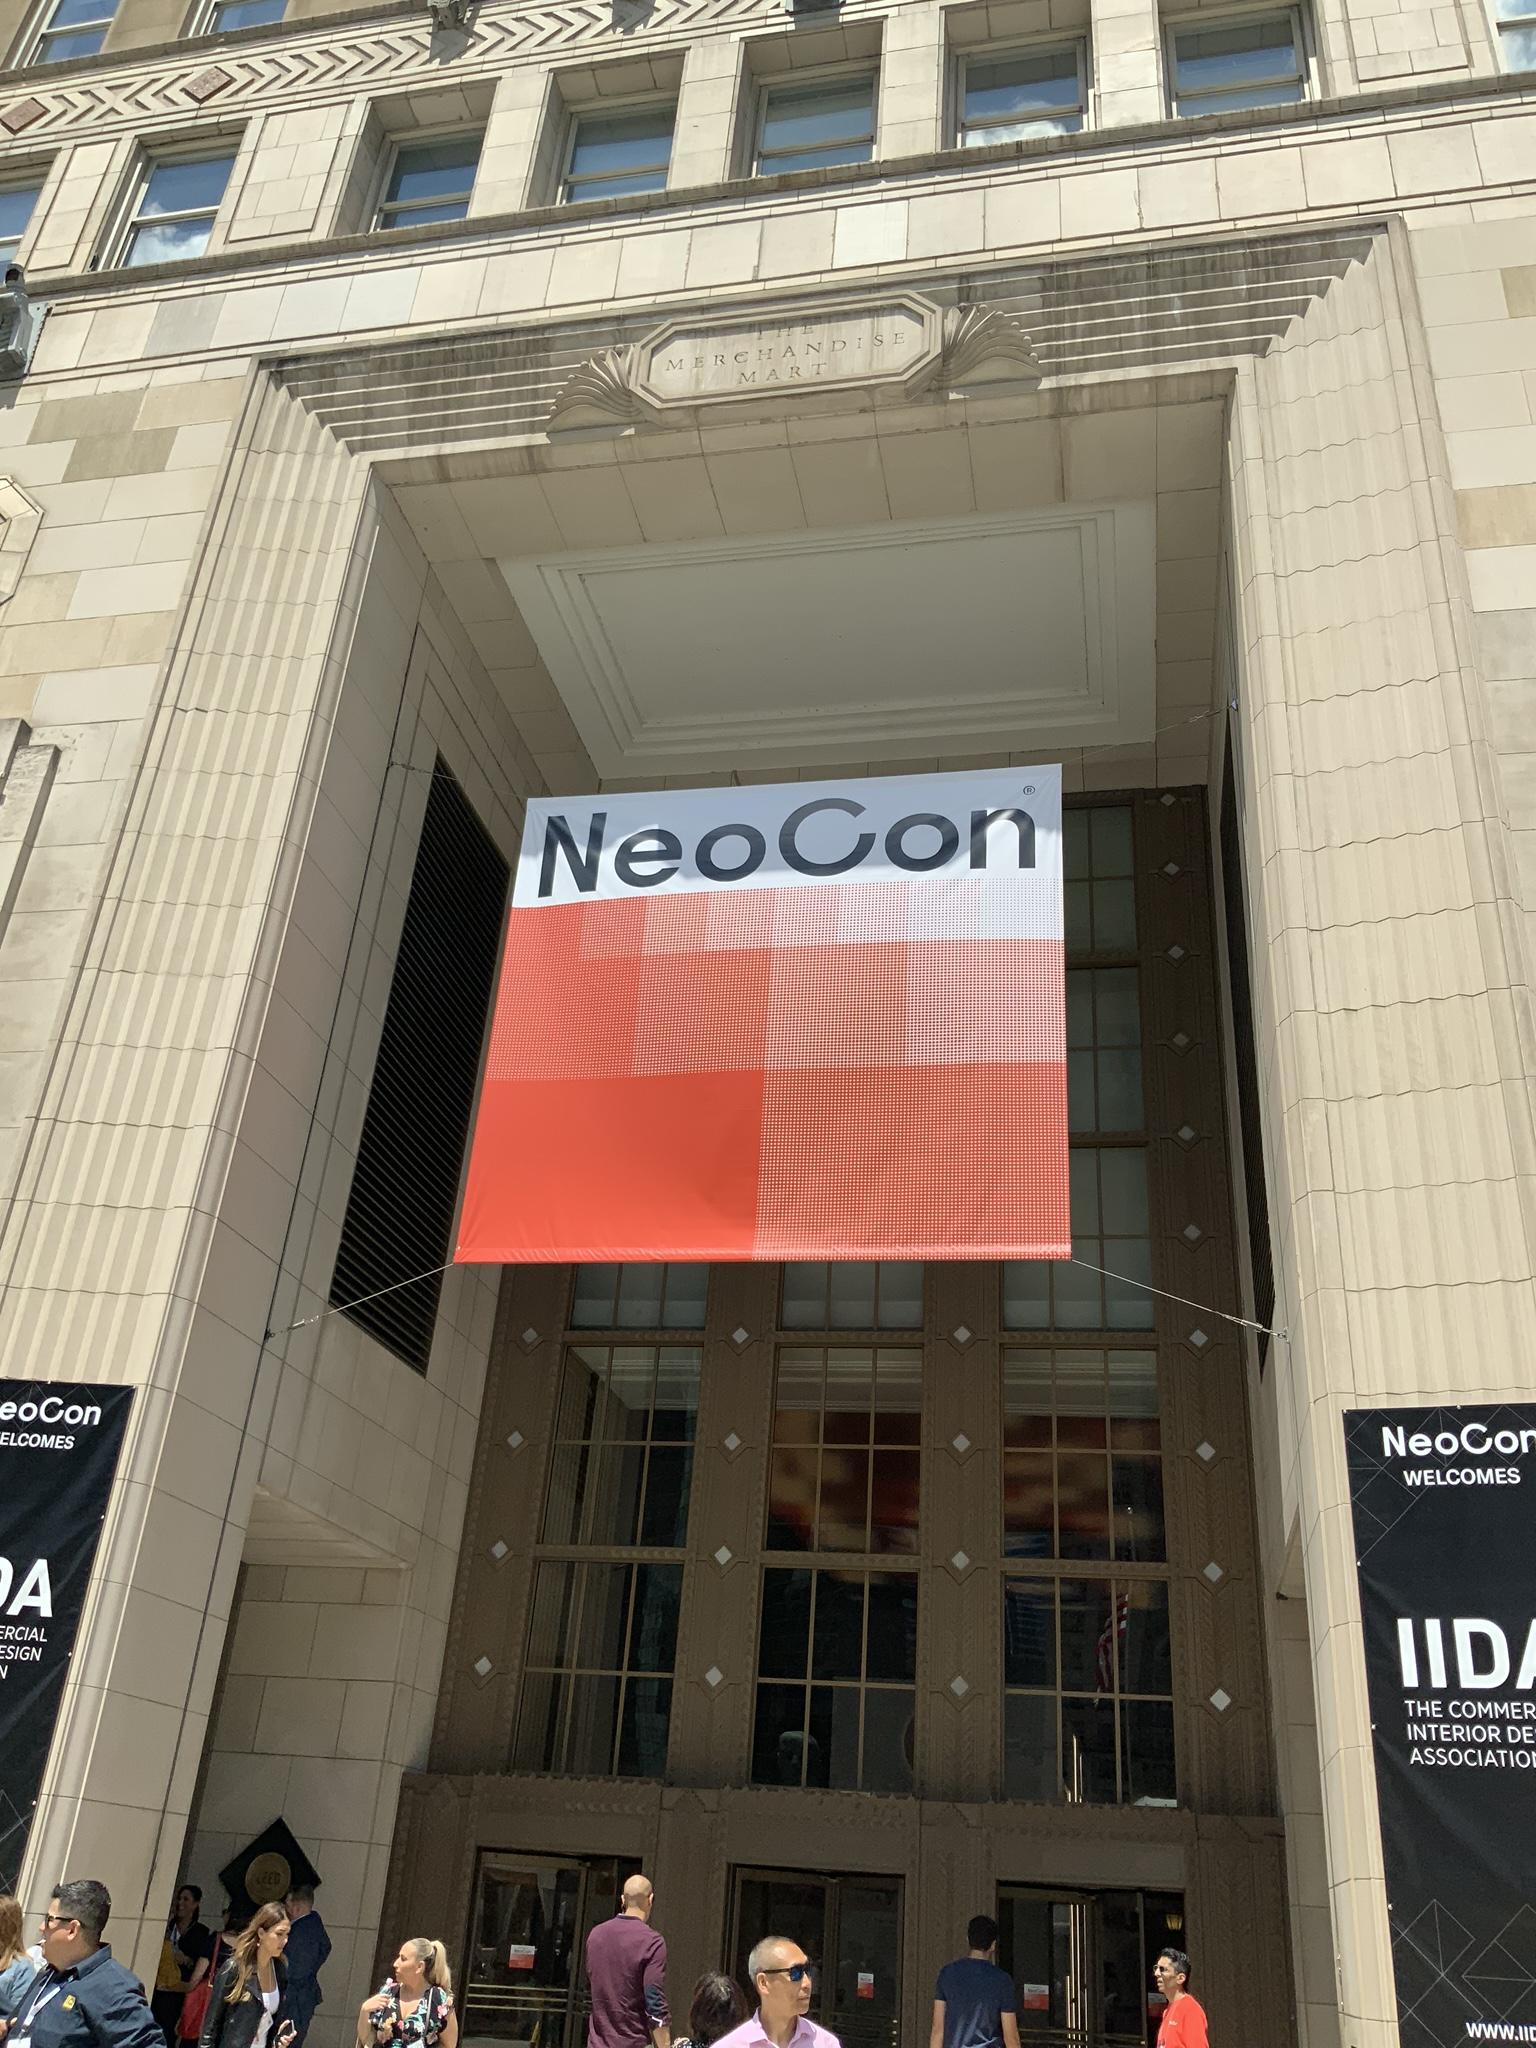 NeoCon 2019 in Chicago, Illinois